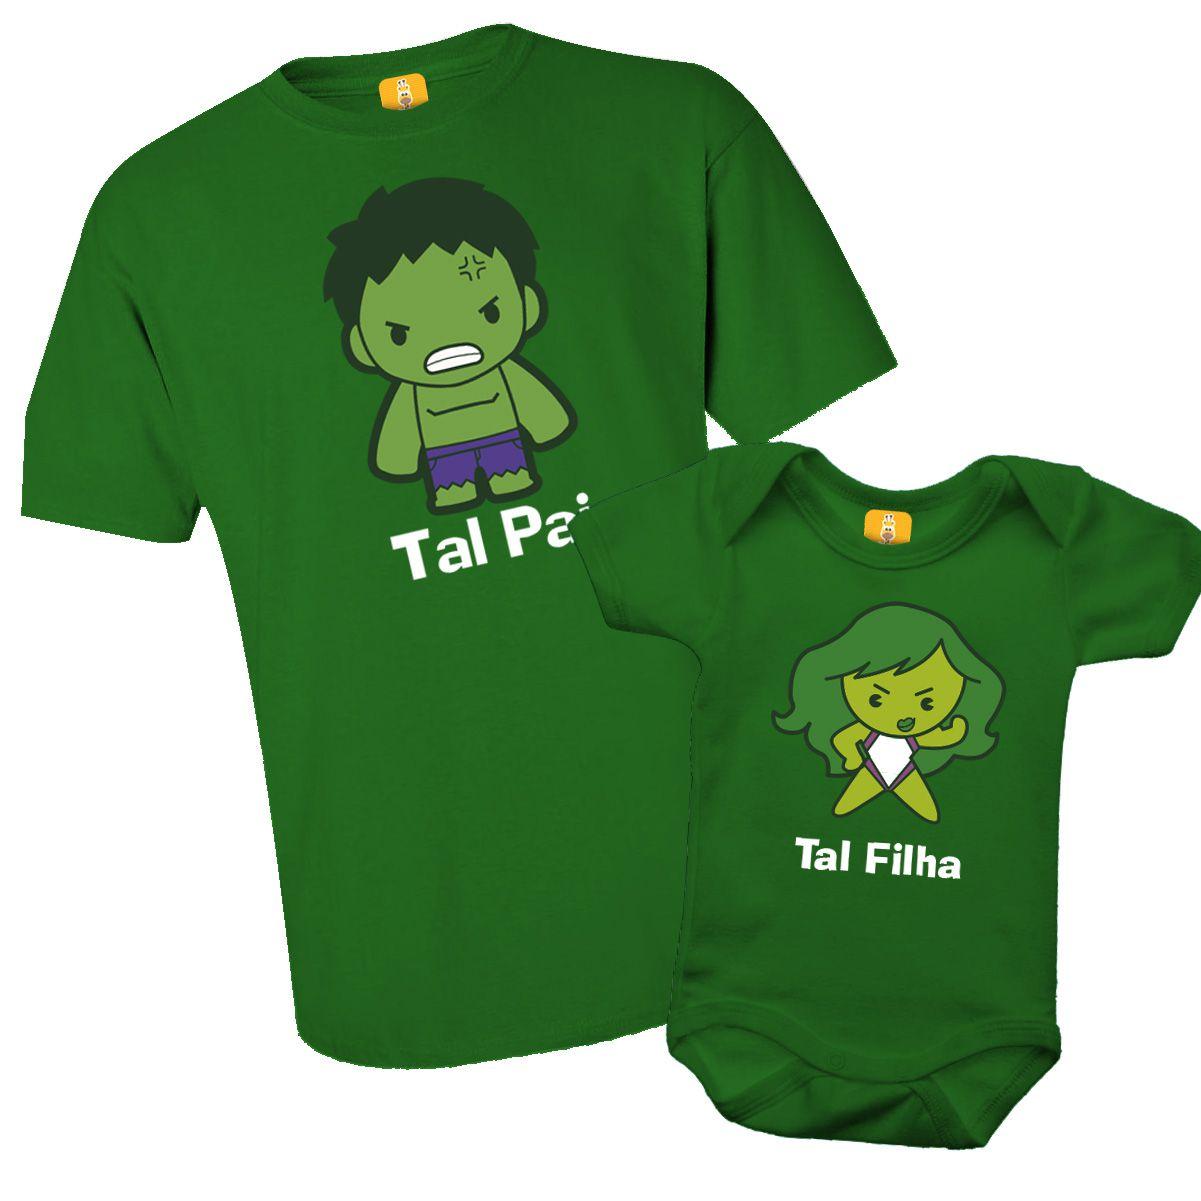 Kit camiseta - Tal pai, Tal filho Hulk